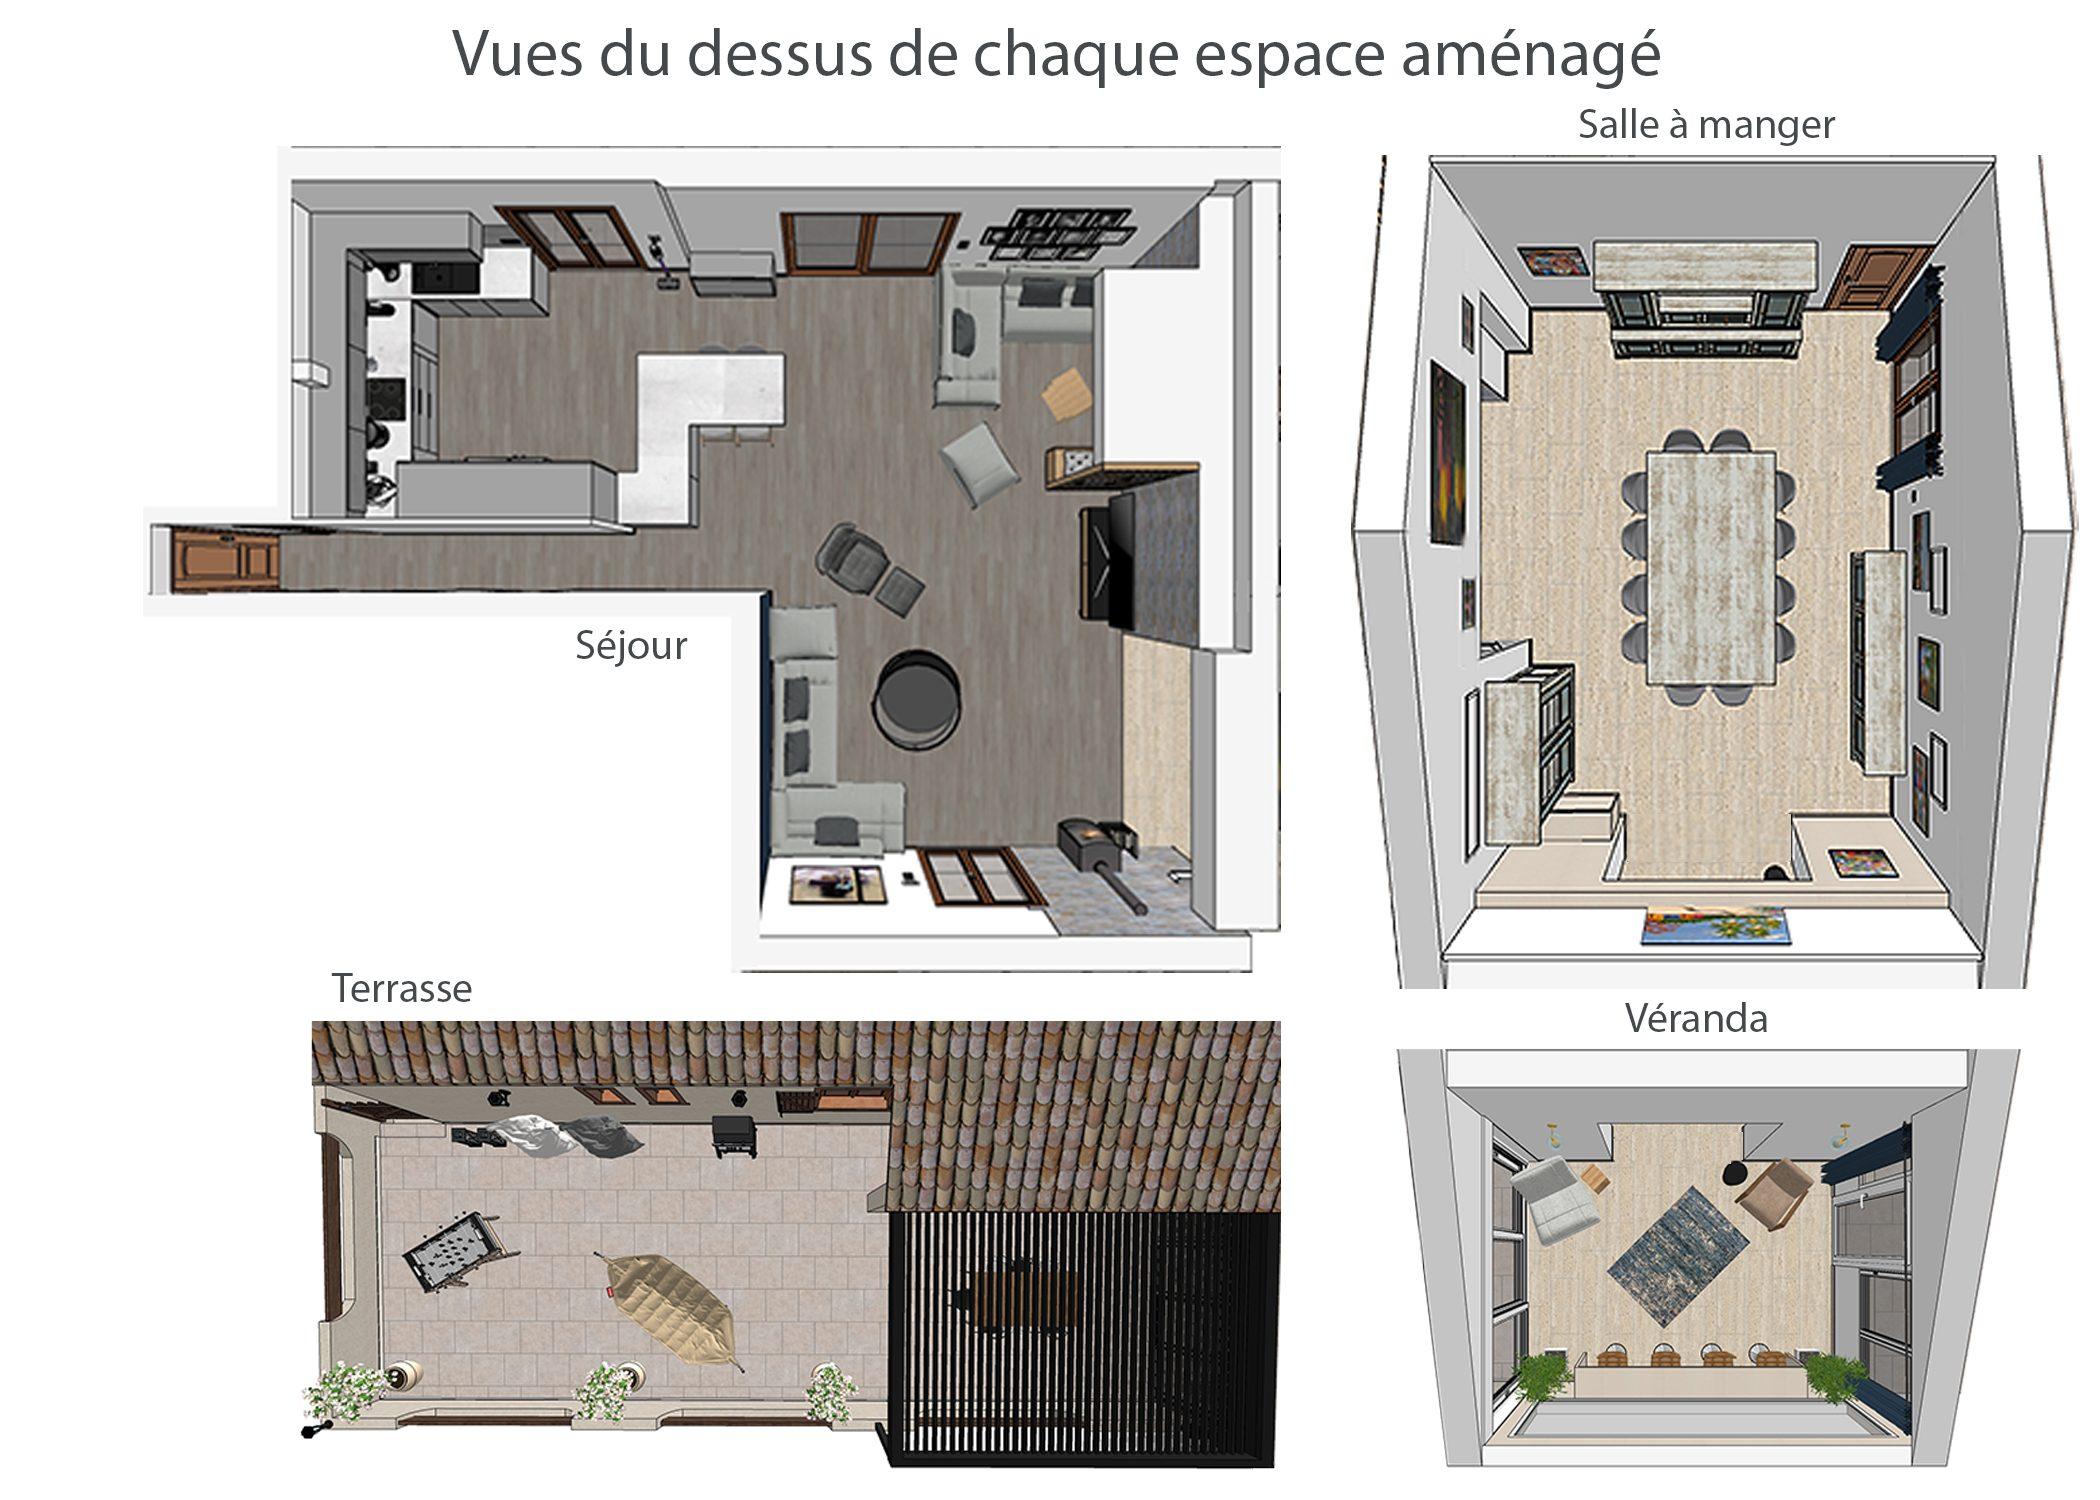 amenagement-decoration-espace de vie et terrasse fuveau-vues du dessus de chaque espace amenage-dekho design